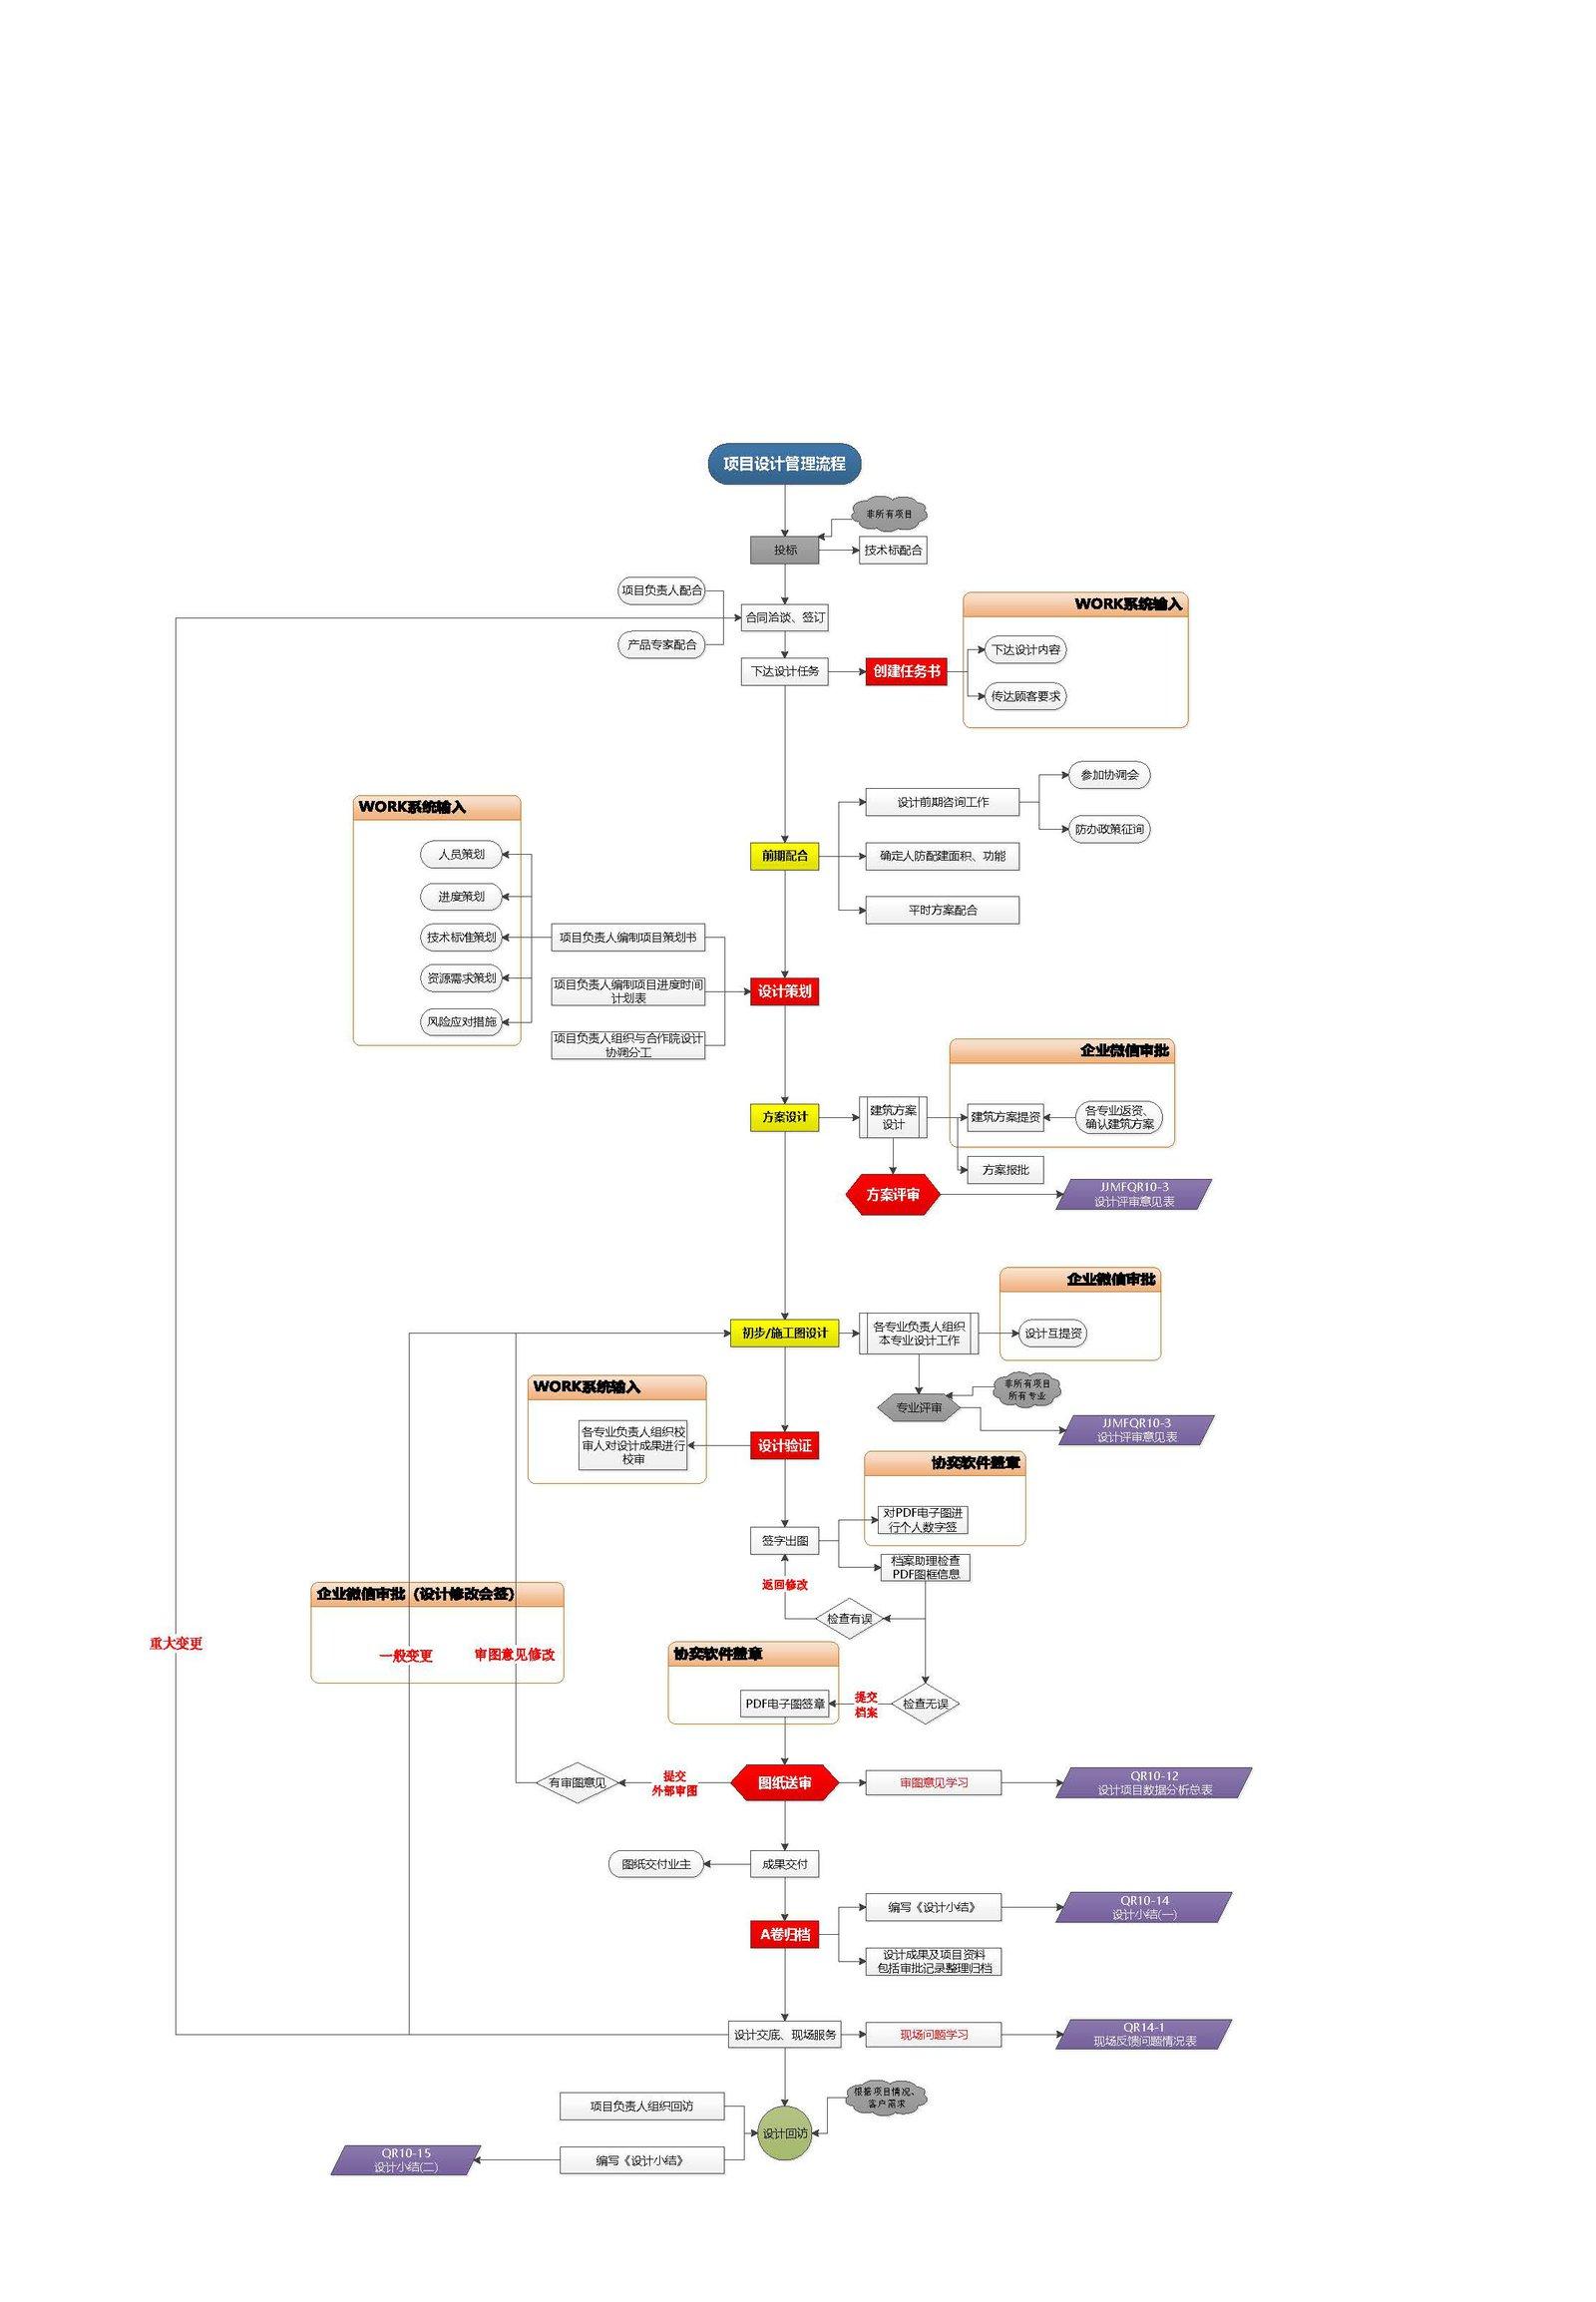 项目设计管理流程图V1.0.jpg